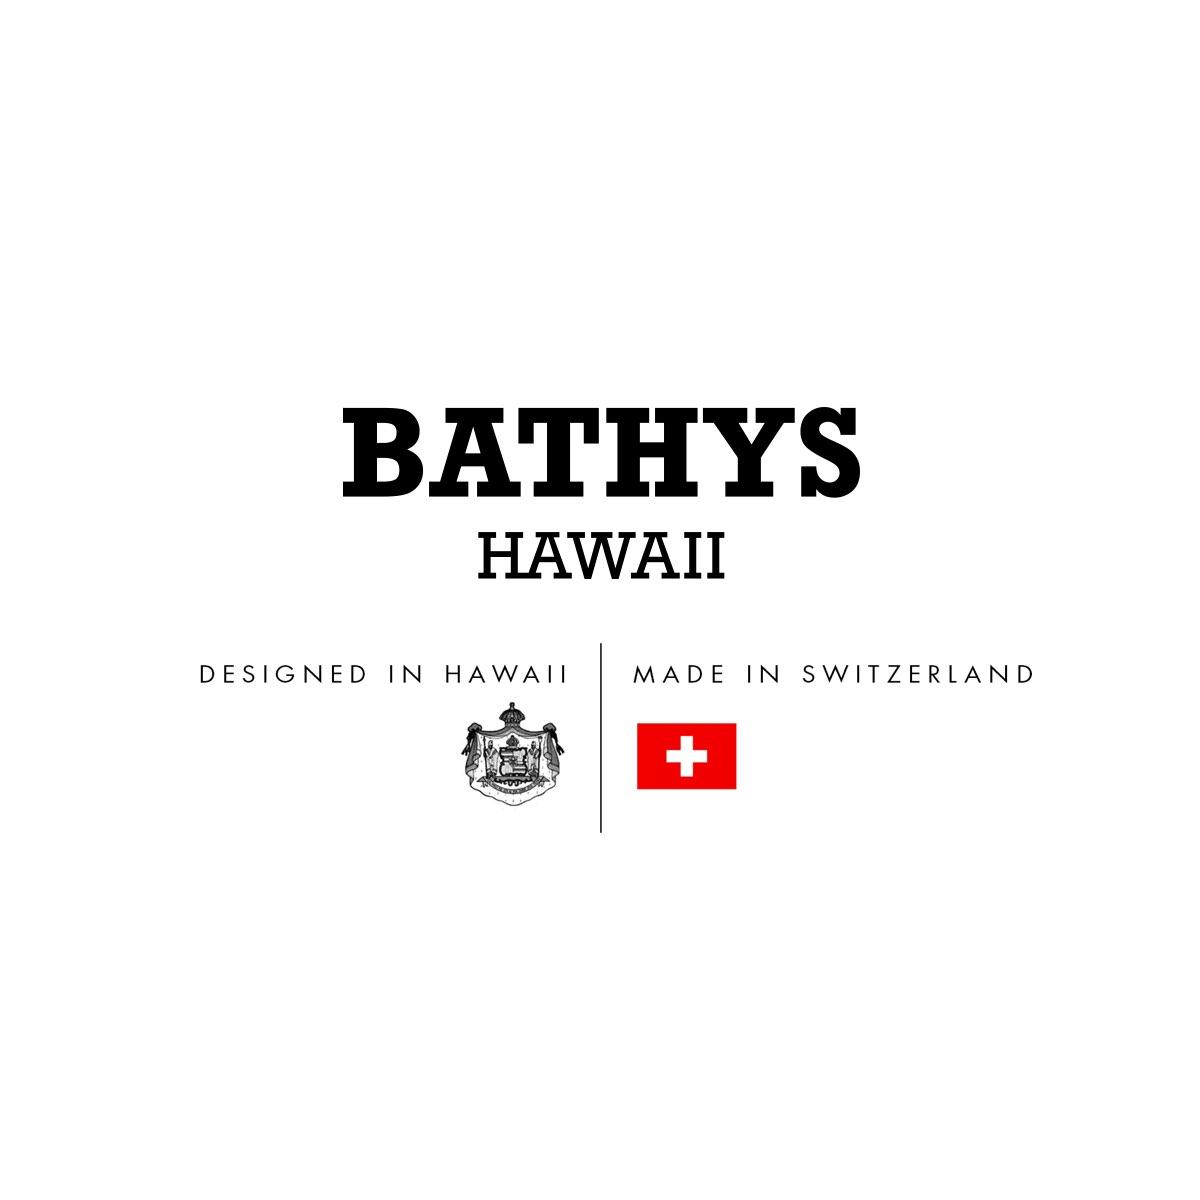 bathys.001.jpeg